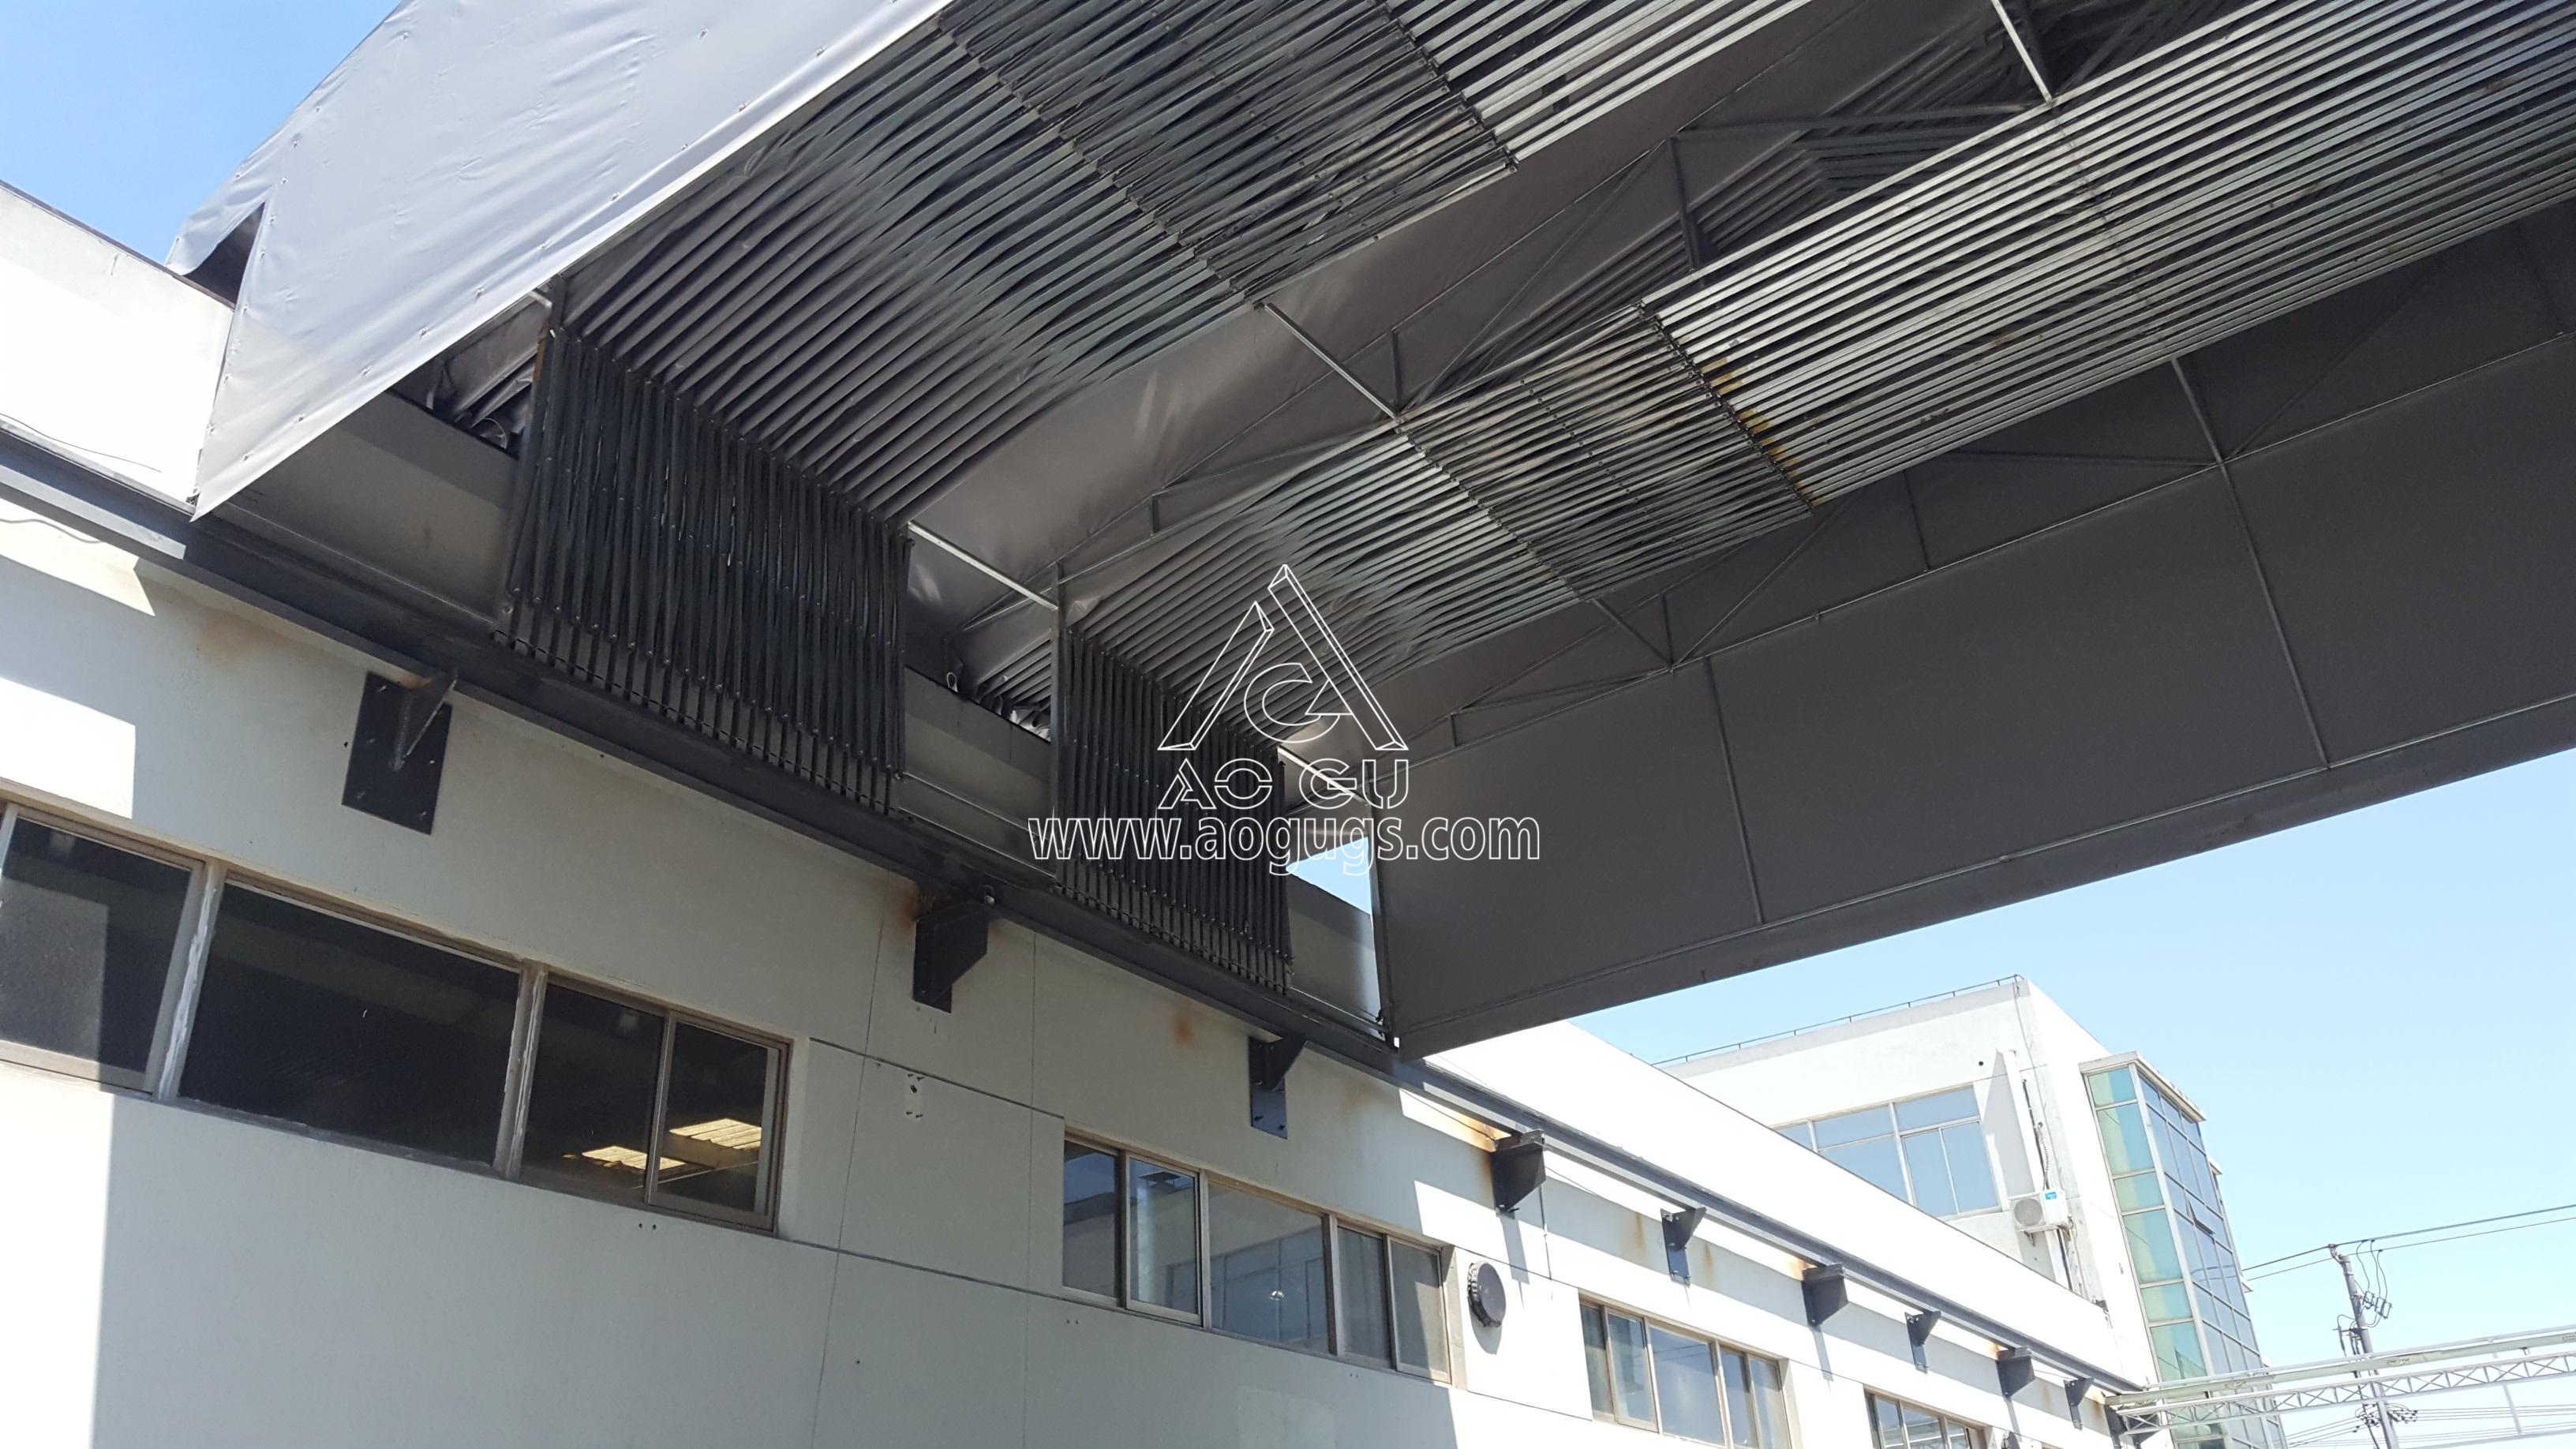 上海美国工厂 厂房之间 手动伸缩活动 架空推拉篷案例产品演示图4